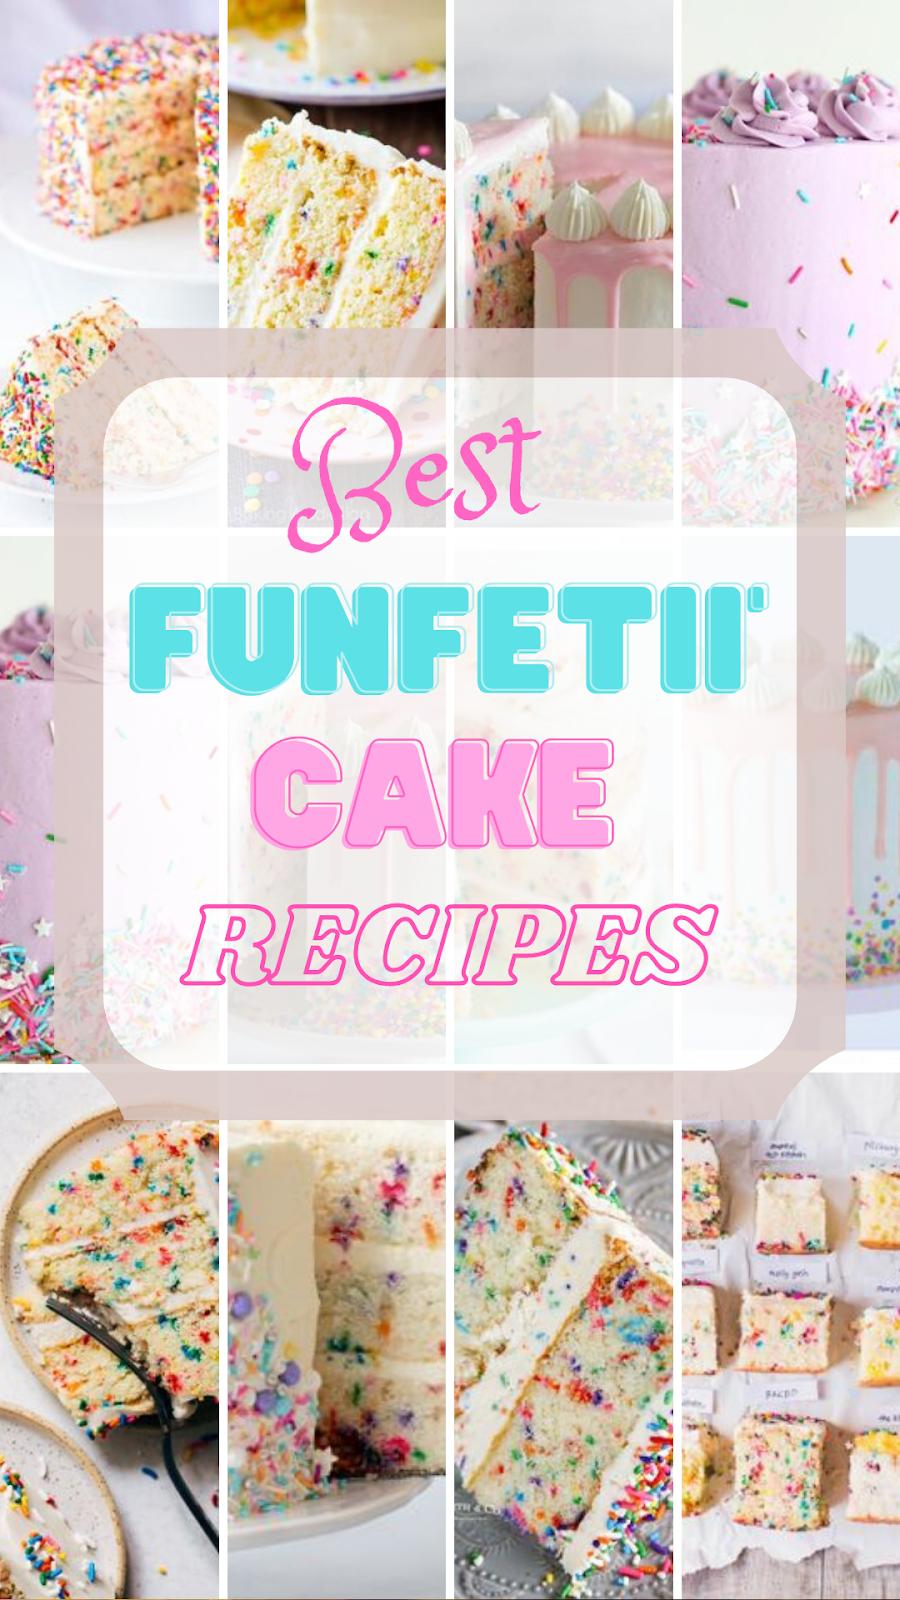 best Funfetti Cake recipes